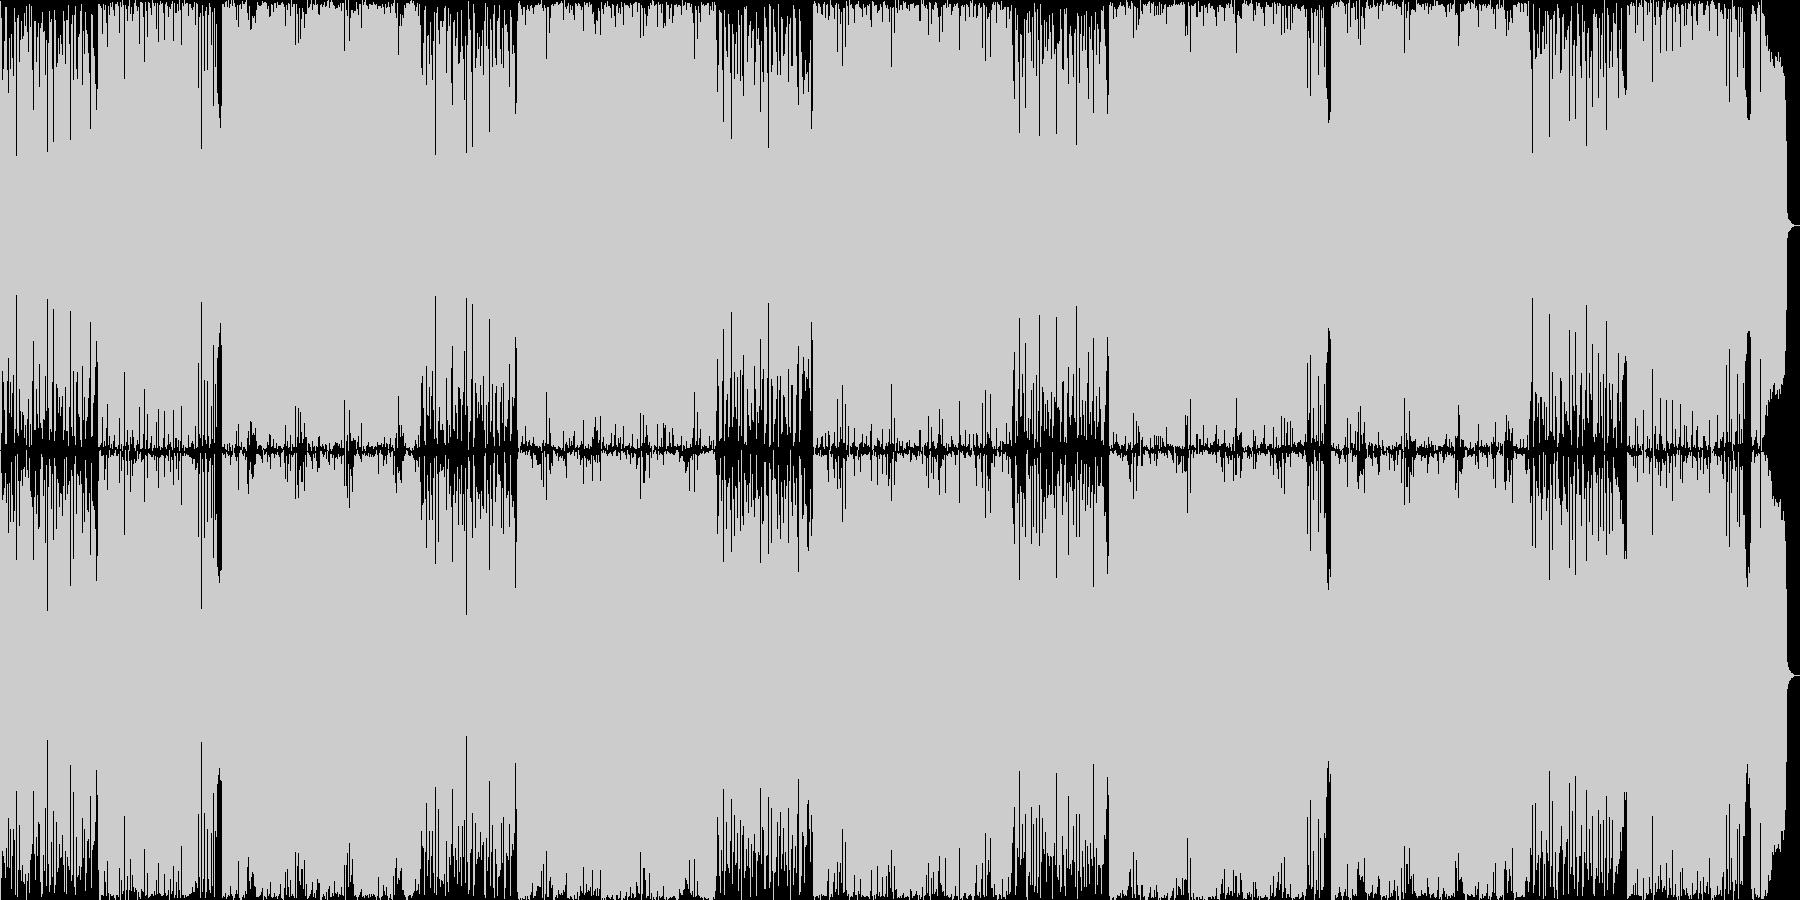 コード進行がかっこいい高速ドラムンベースの未再生の波形